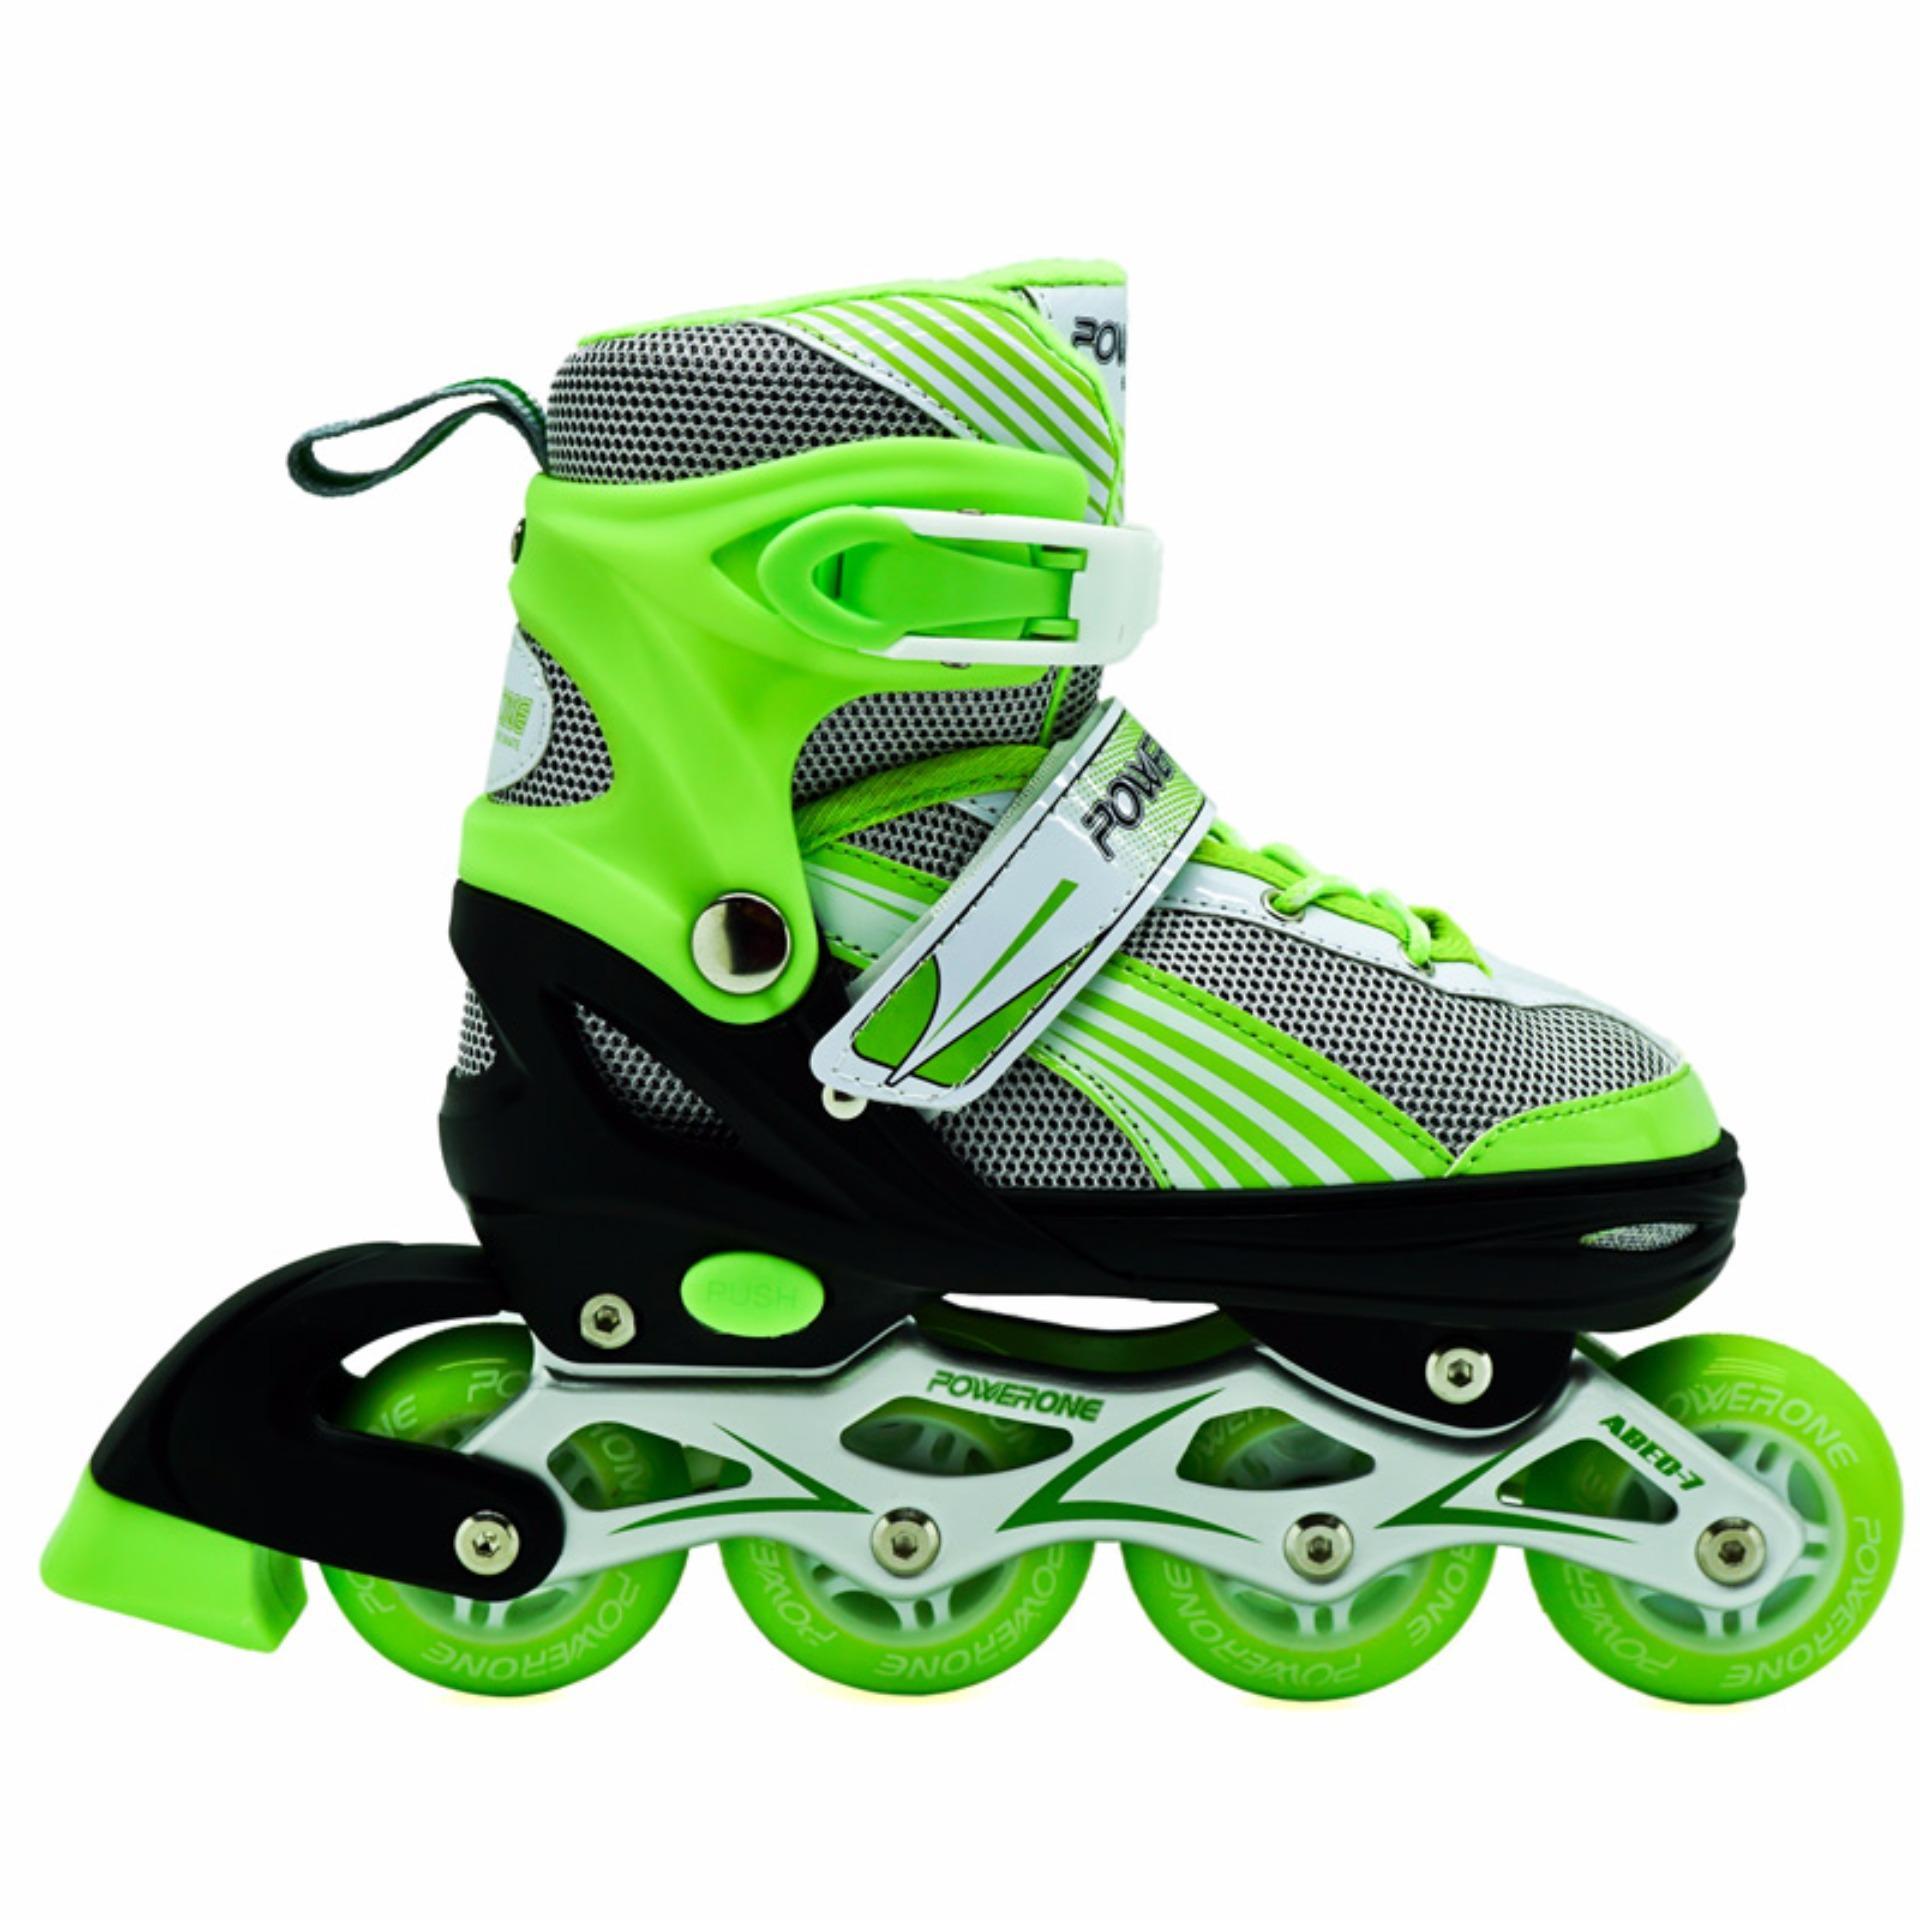 Power King Sepatu Roda Inline Skate Biru Sepaturoda Inlineskate Roda ... 9e88044c8f